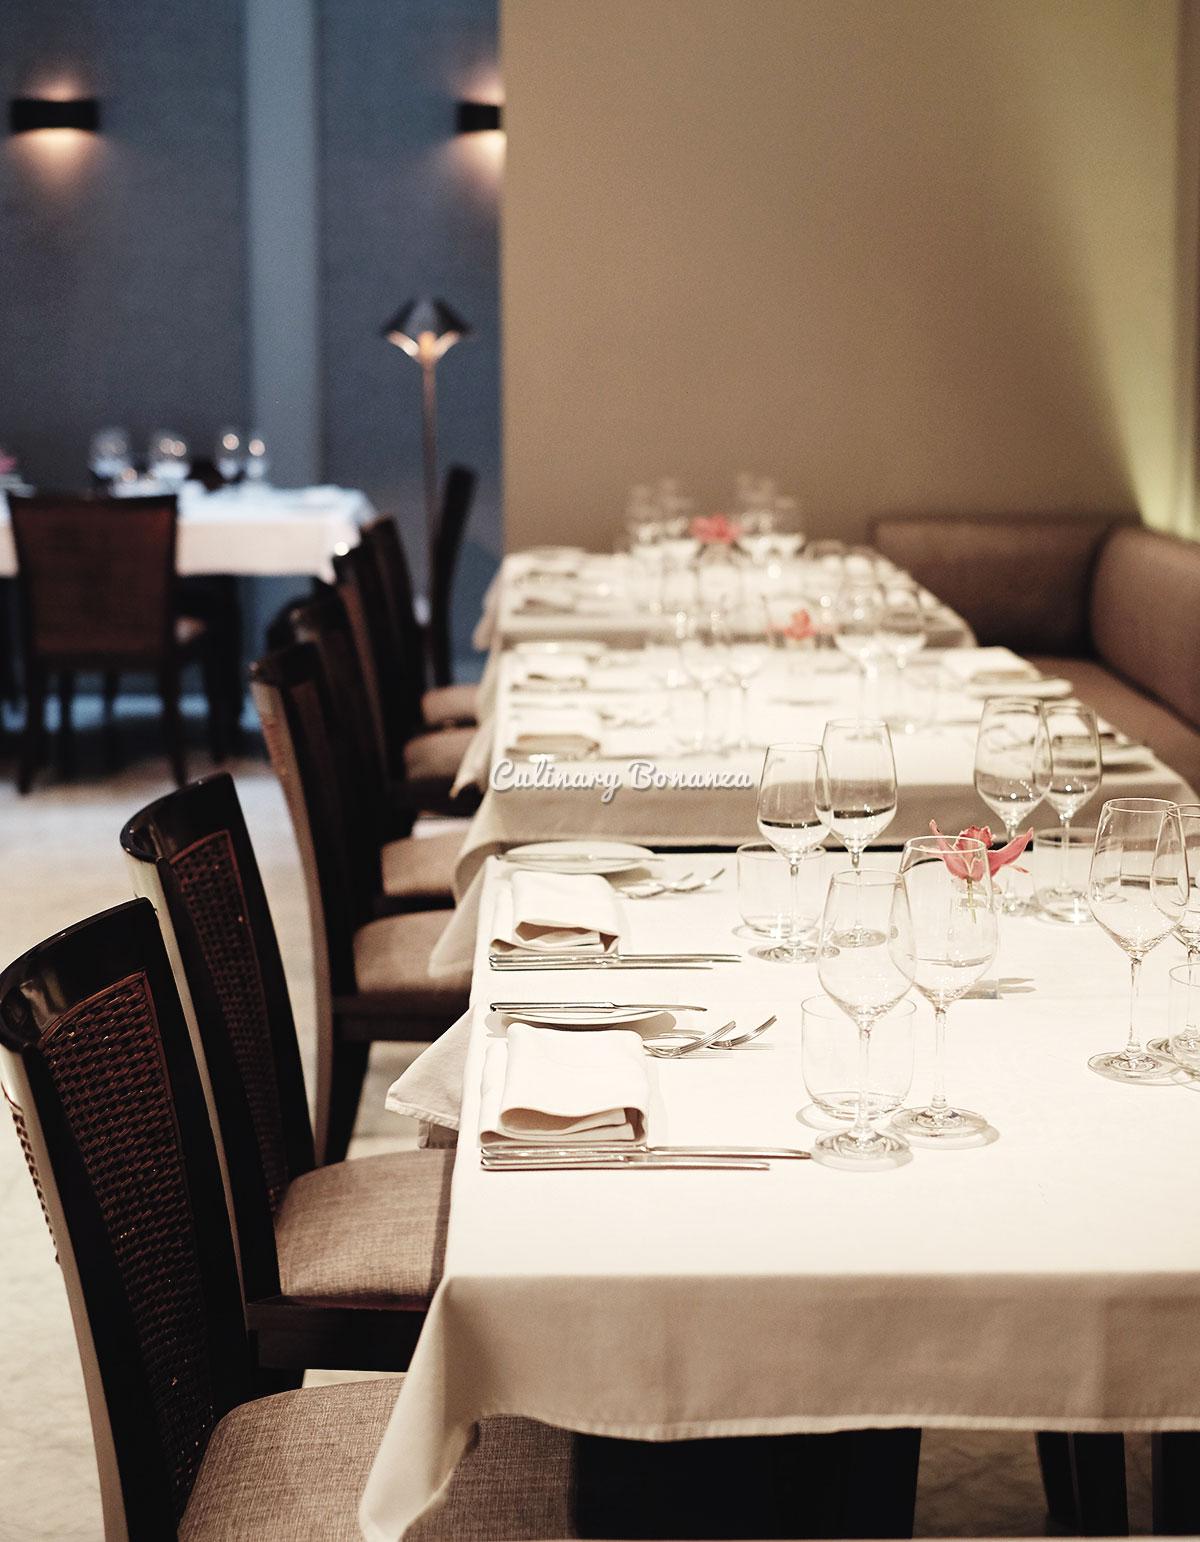 EMILIE French Restaurant (www.culinarybonanza.com)